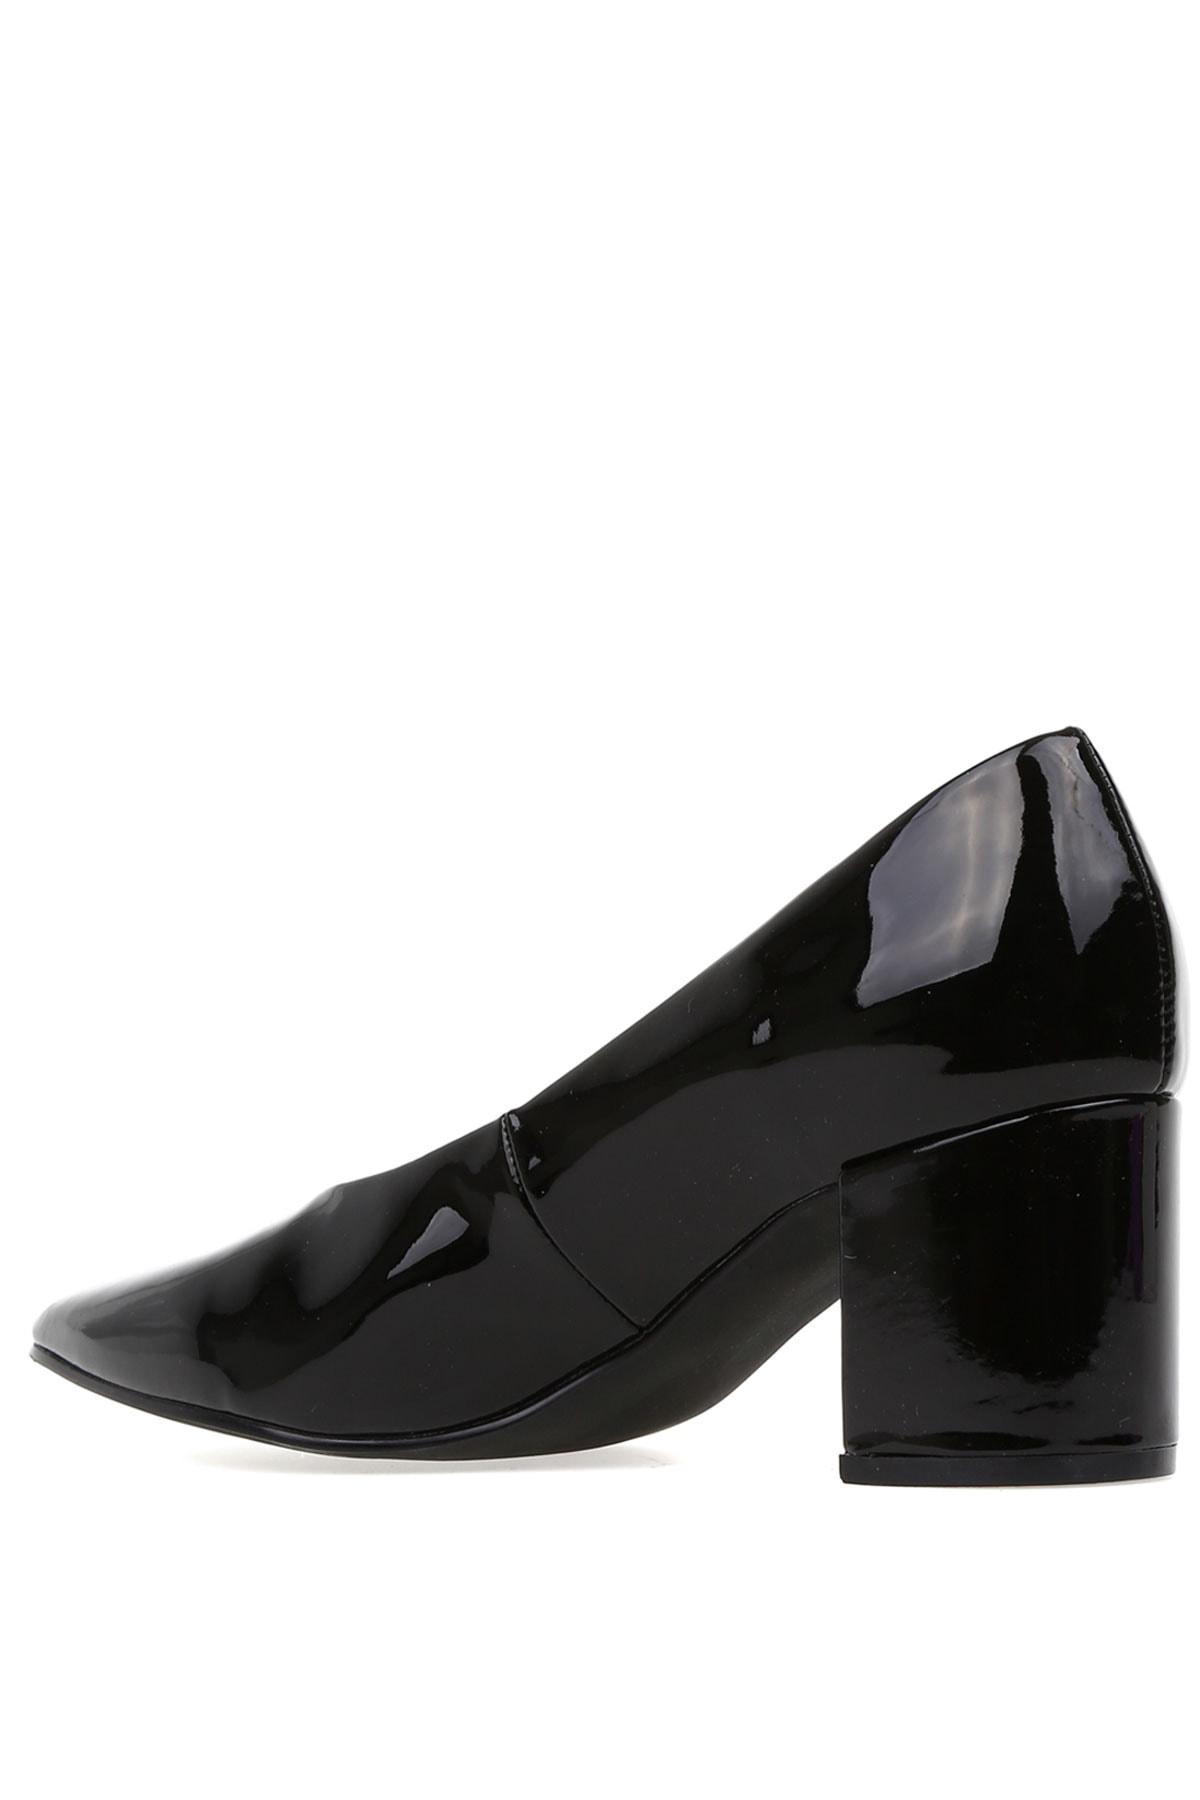 Vero Moda Ayakkabı 2